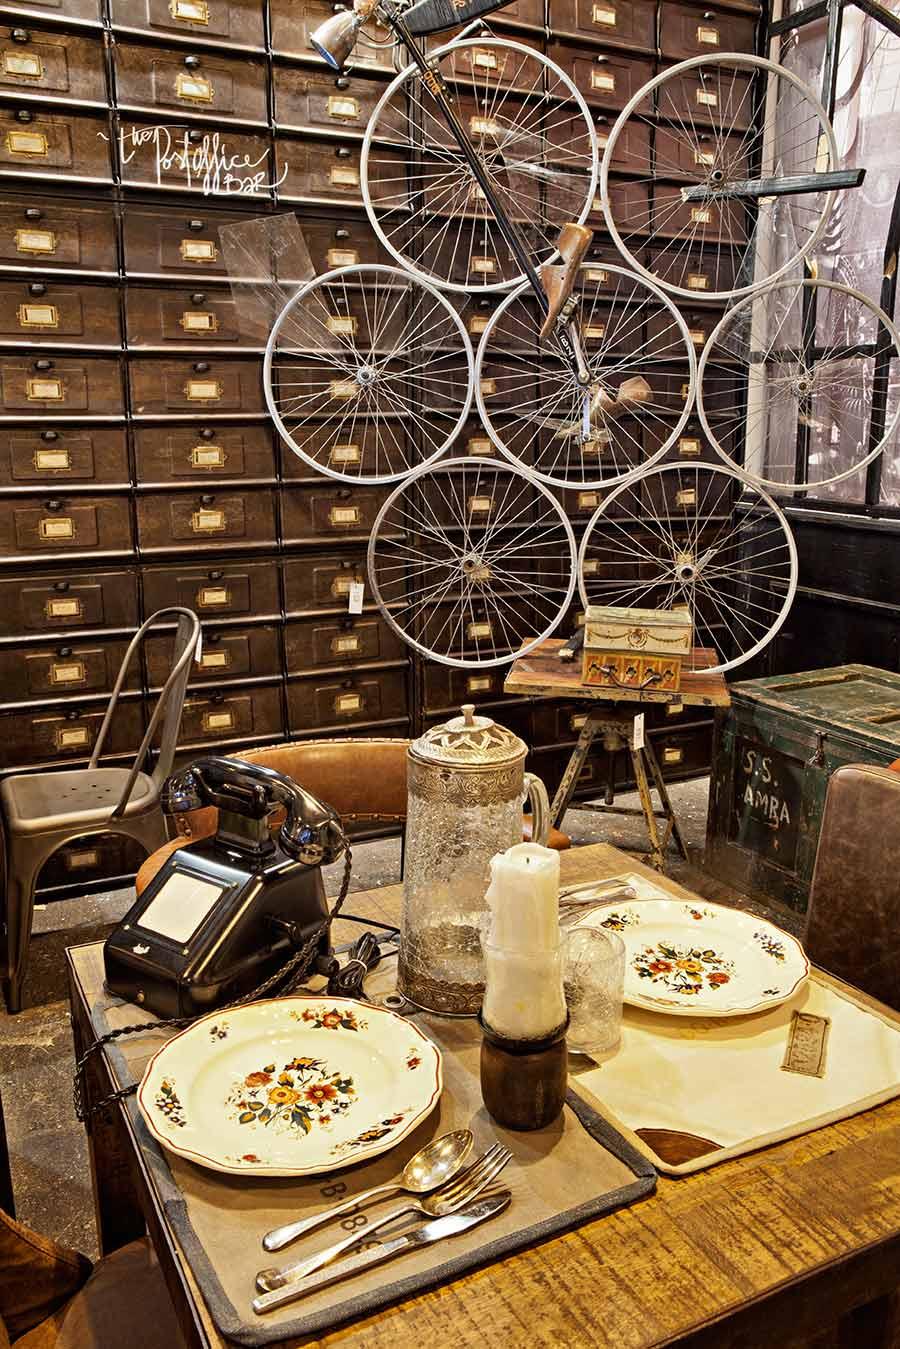 Imagen de la noticia sobre Francisco Segarra mobiliario para decoración online.